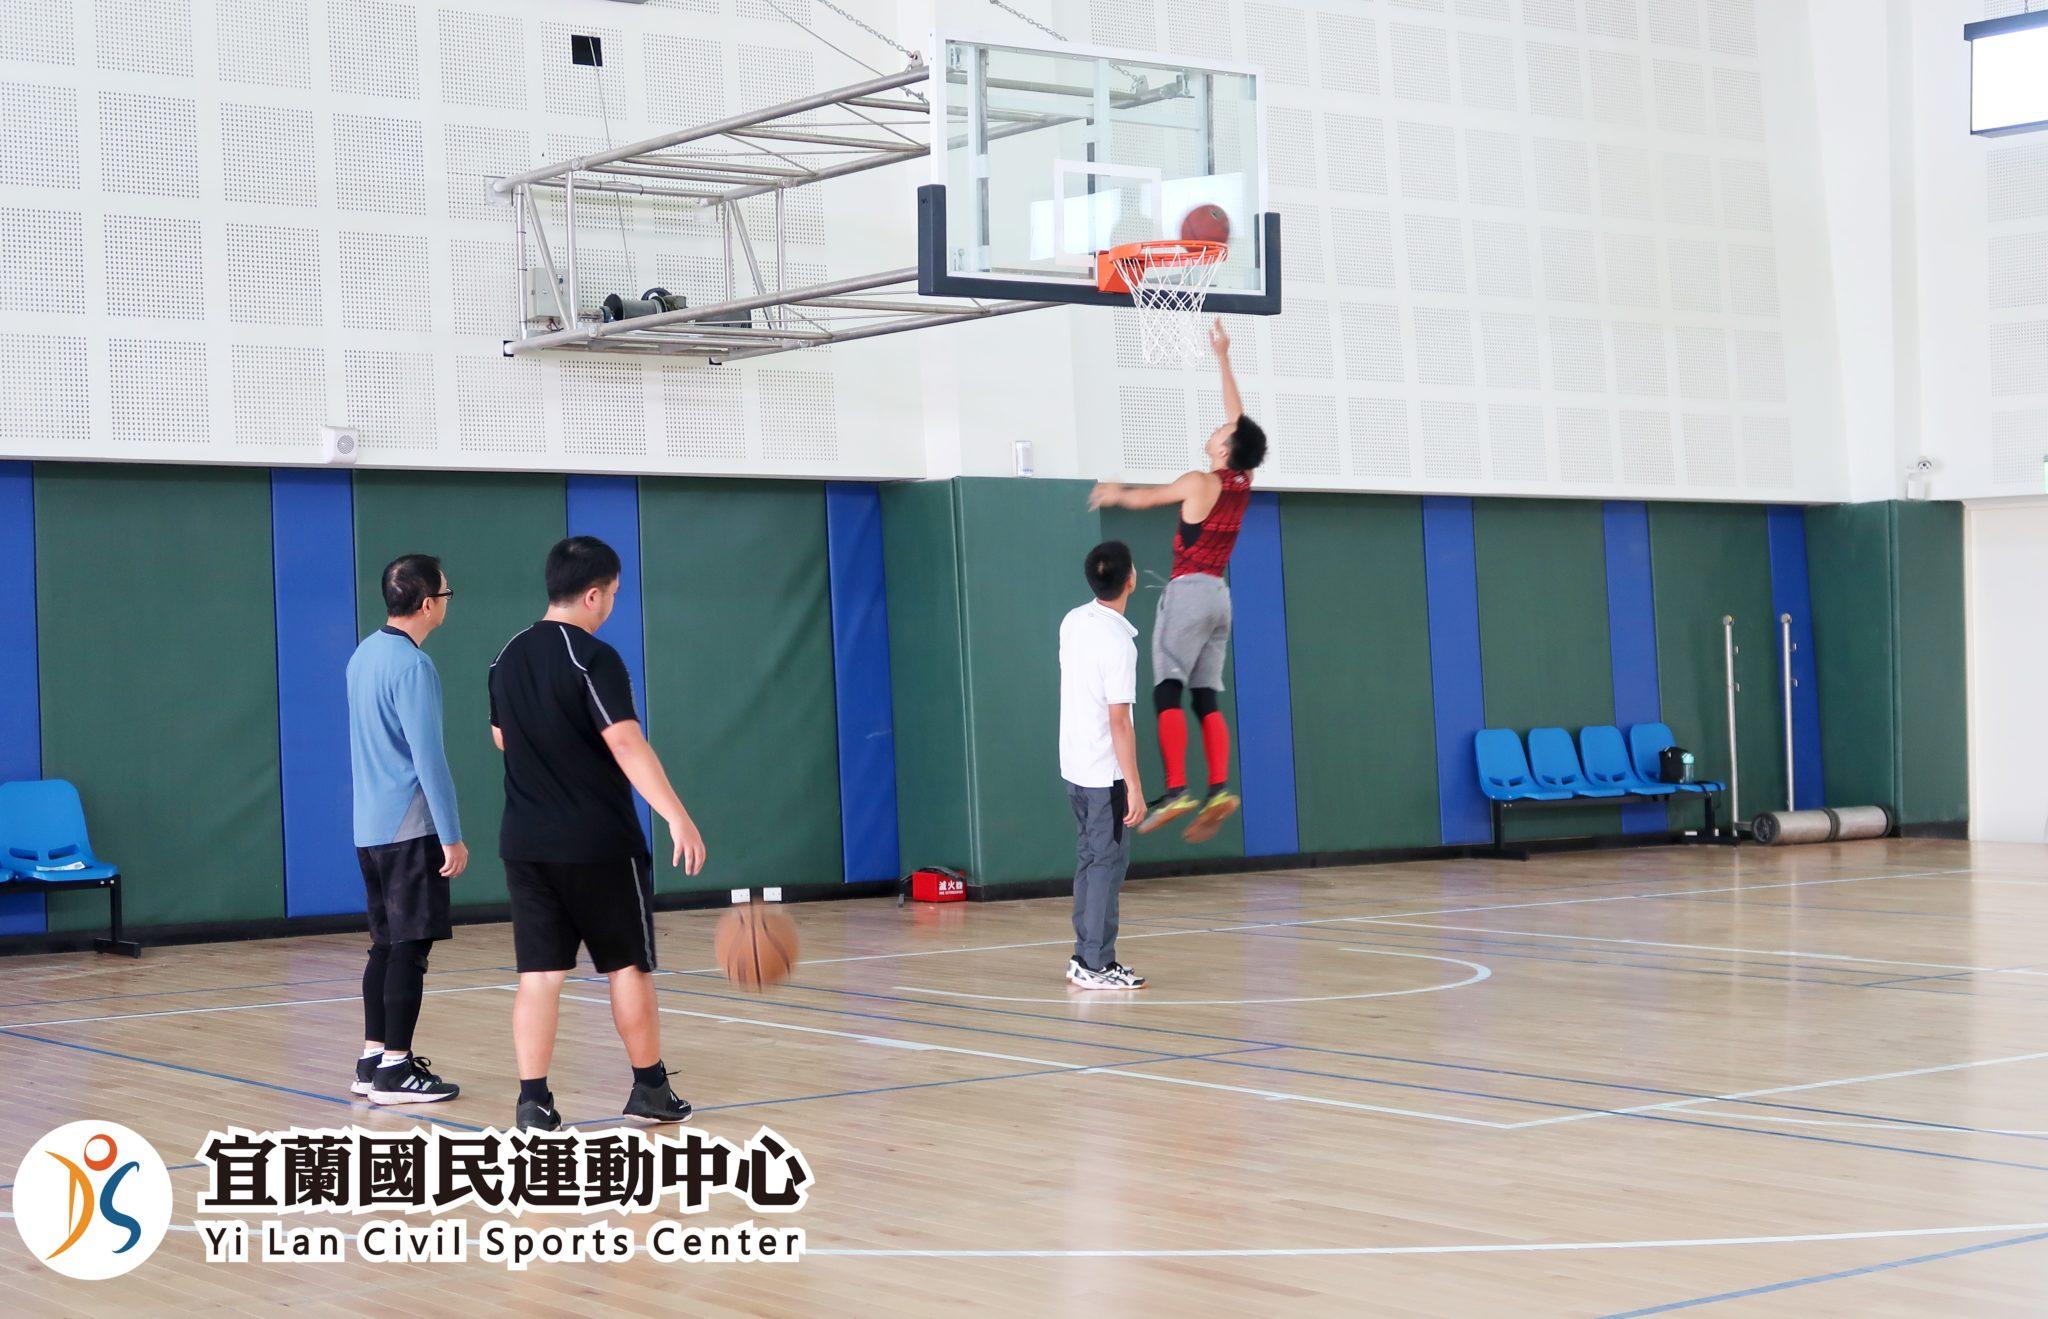 綜合球場打籃球實況(jpg)